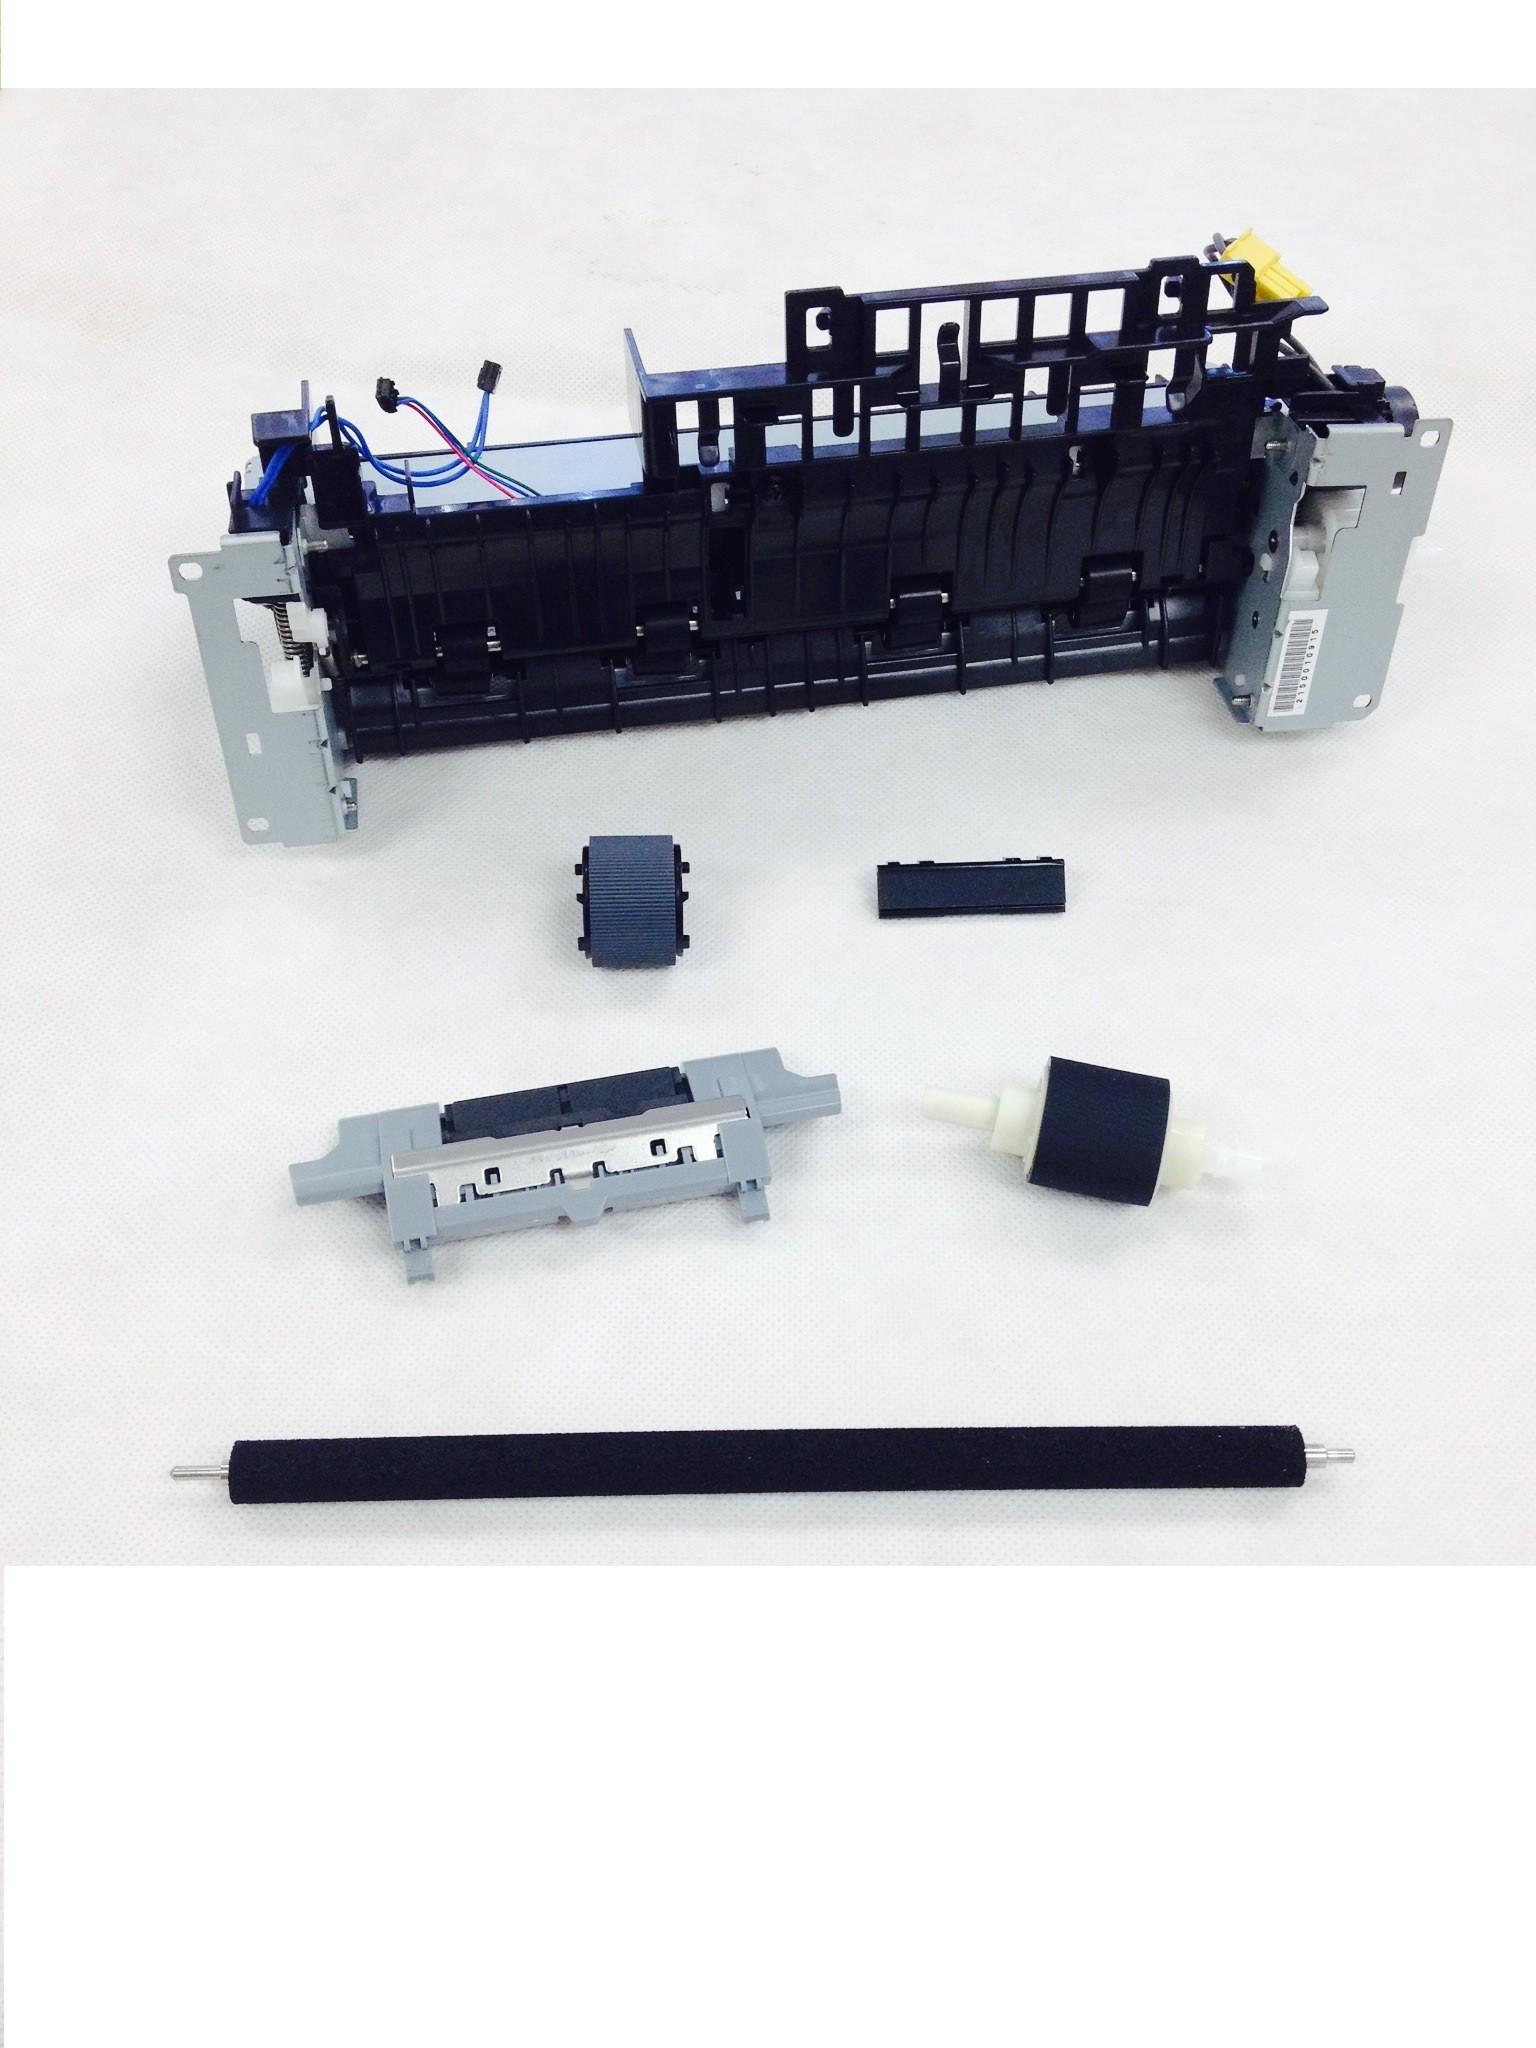 Kit-Maint-M401   HP LaserJet M401/M425 Maintenance Kit Refurbished Exchange w/OEM Rollers